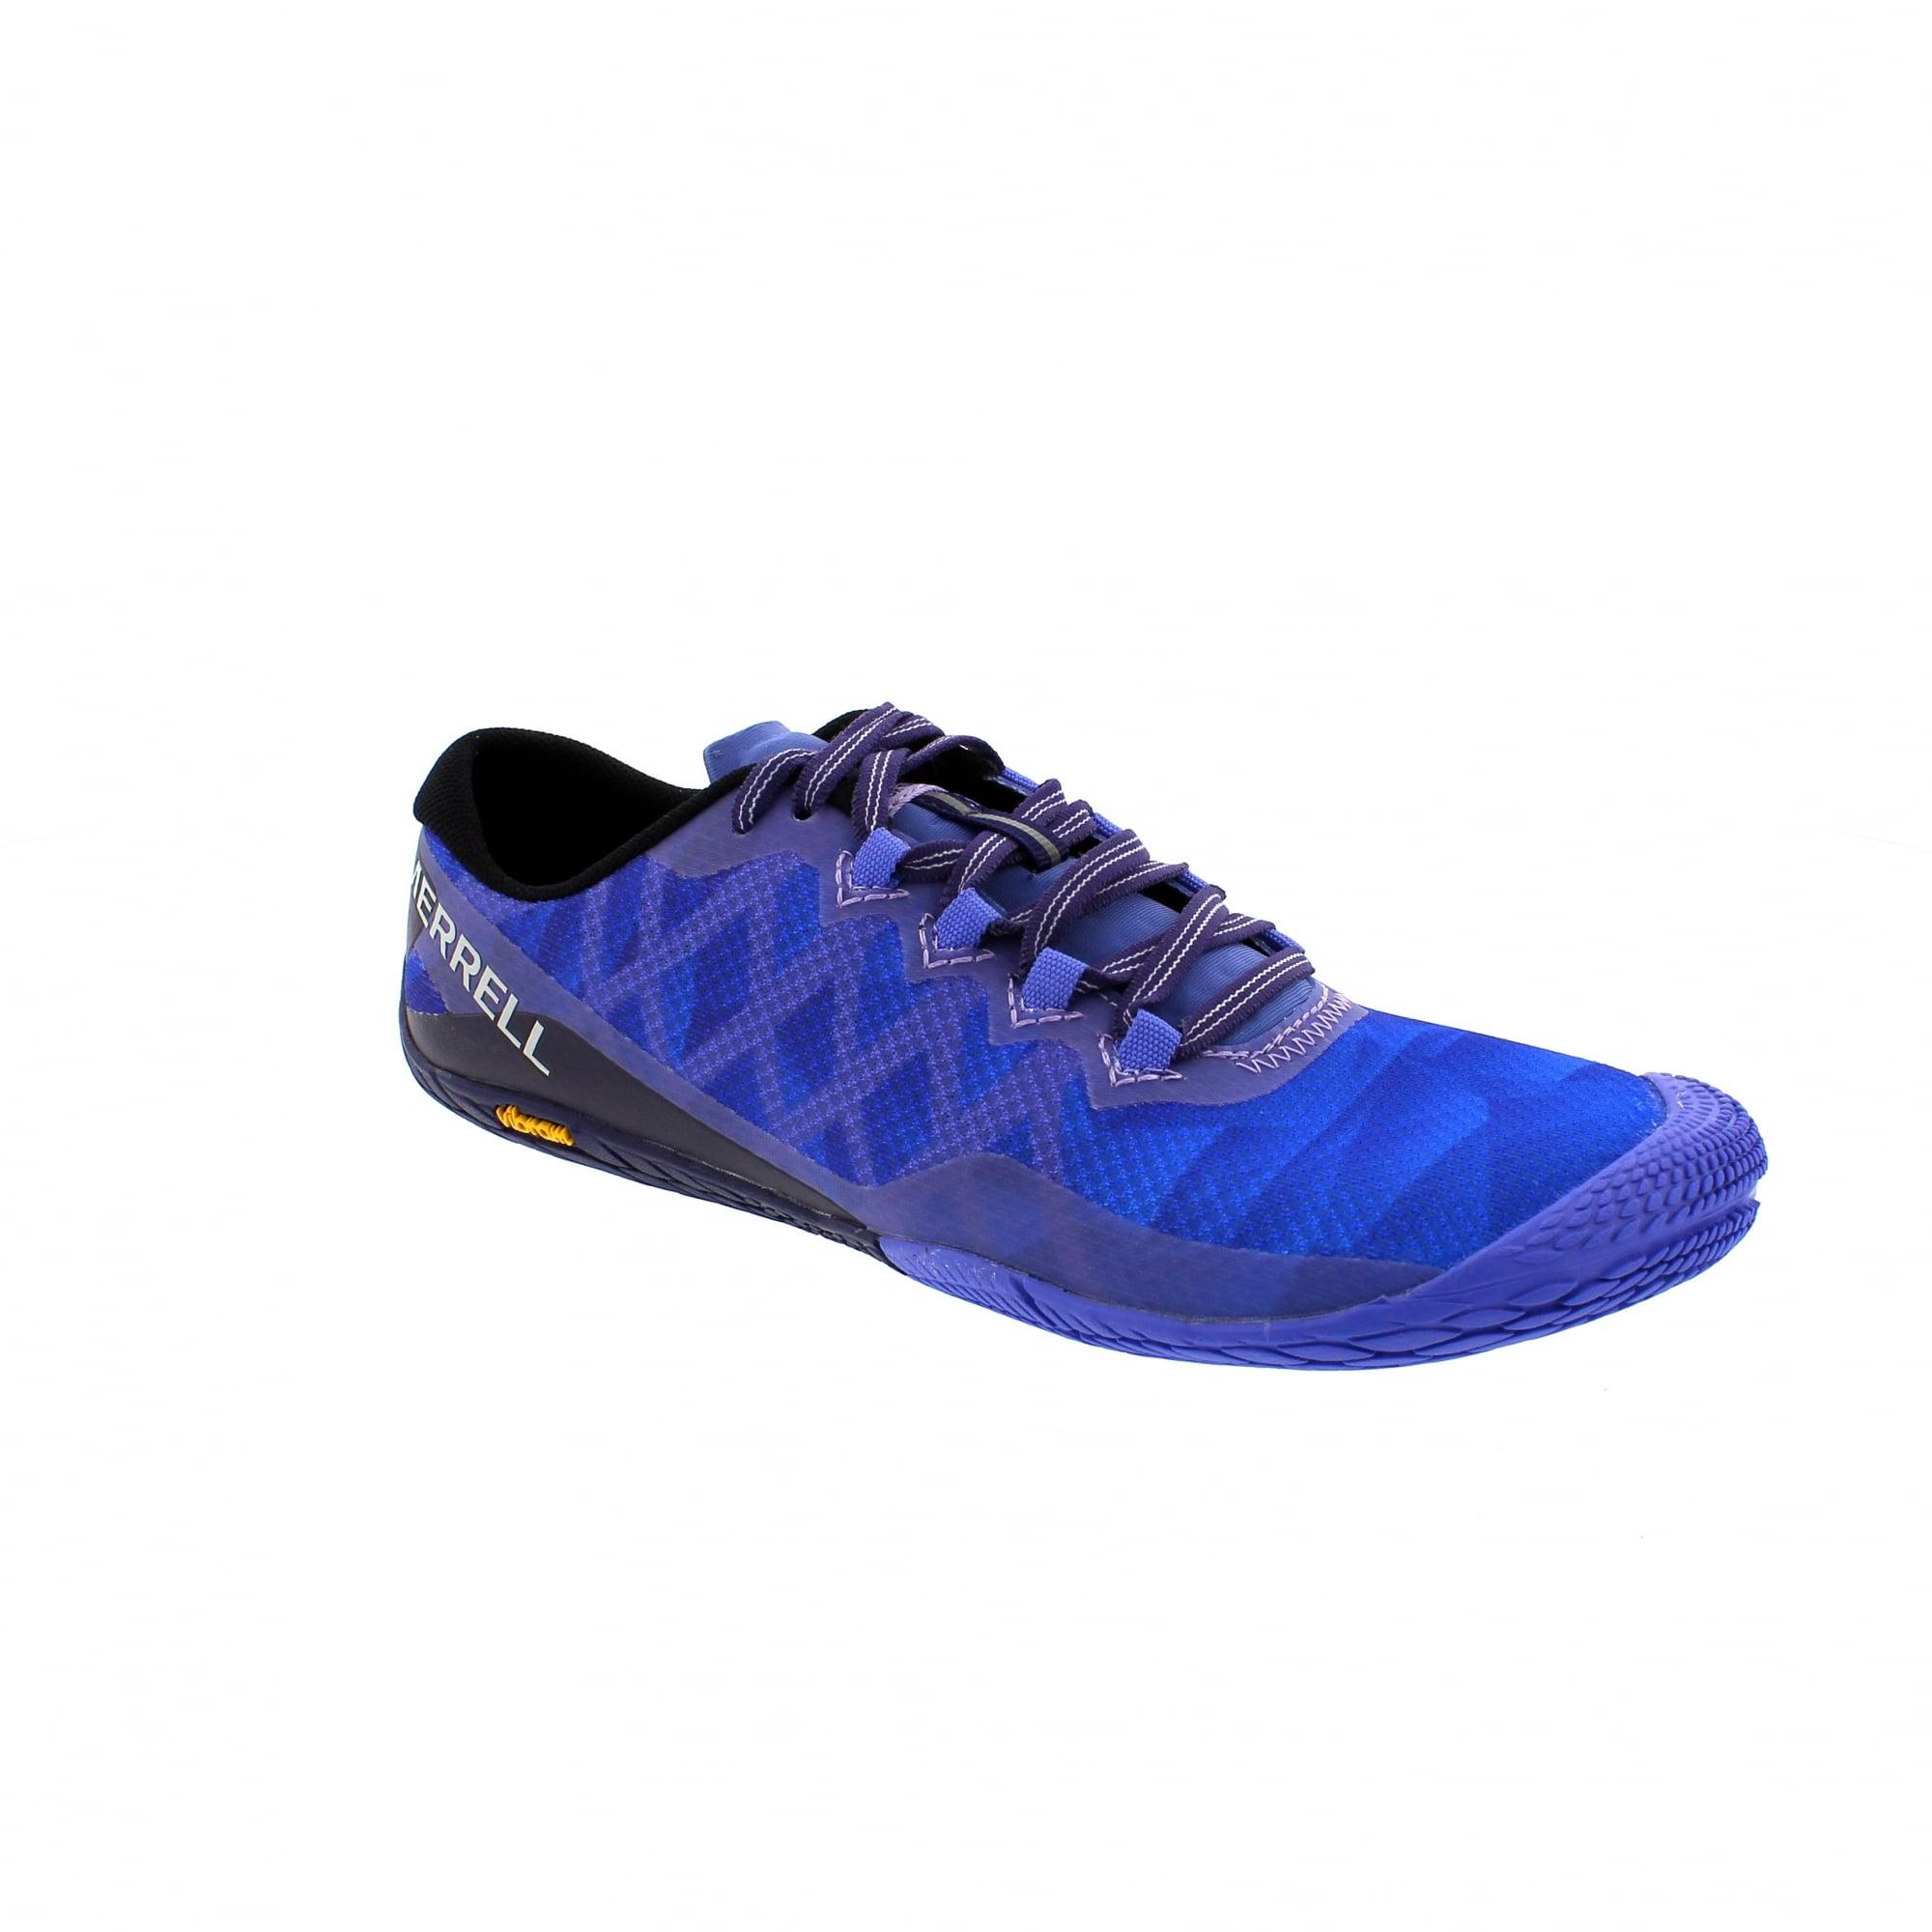 Merrell Vapor Glove 3 | J12676 - Womens